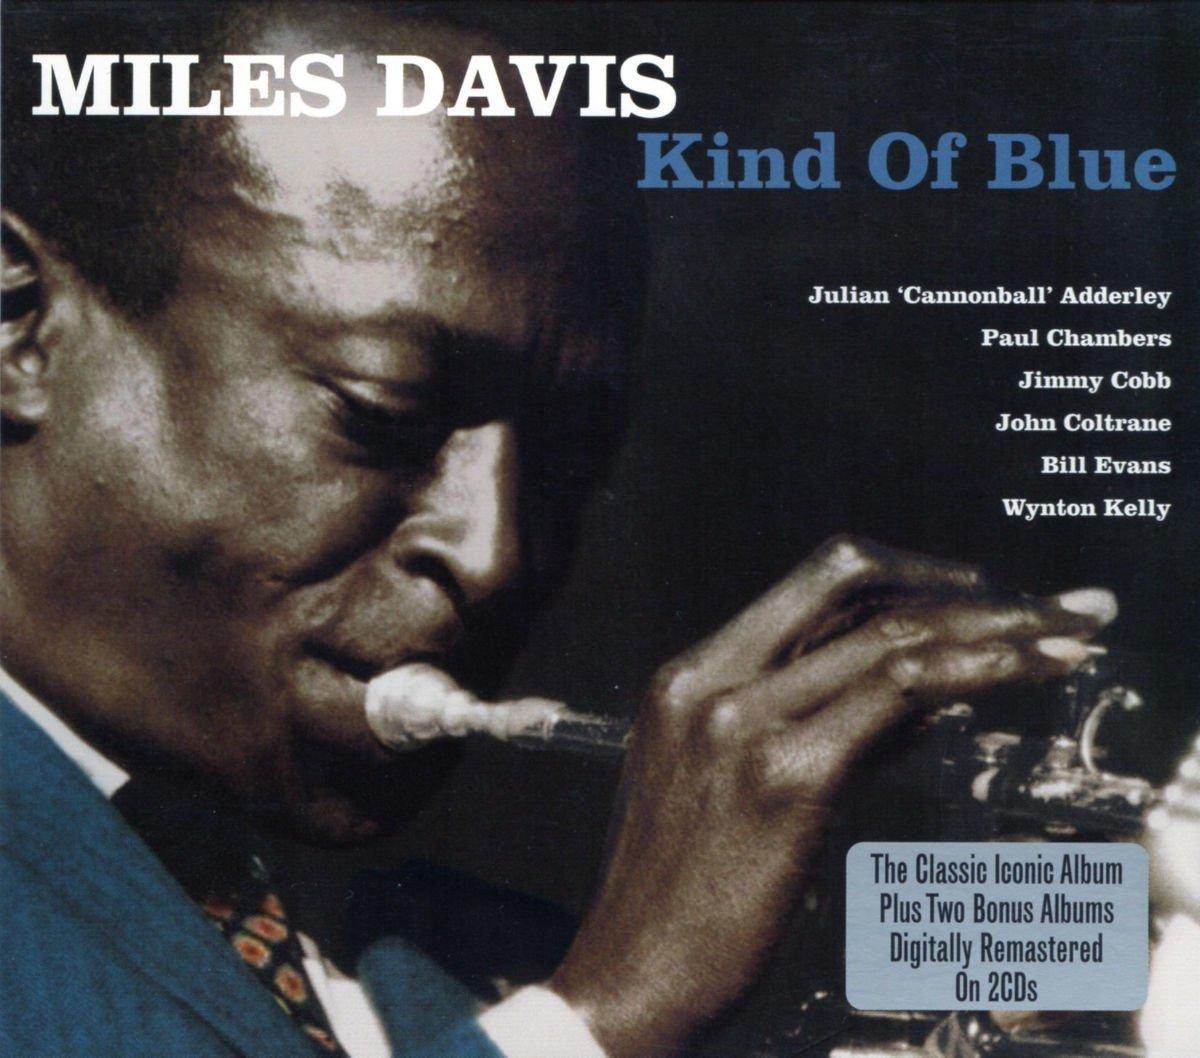 Miles Davis, il jazz modale di Kind of Blue e la forma aperta